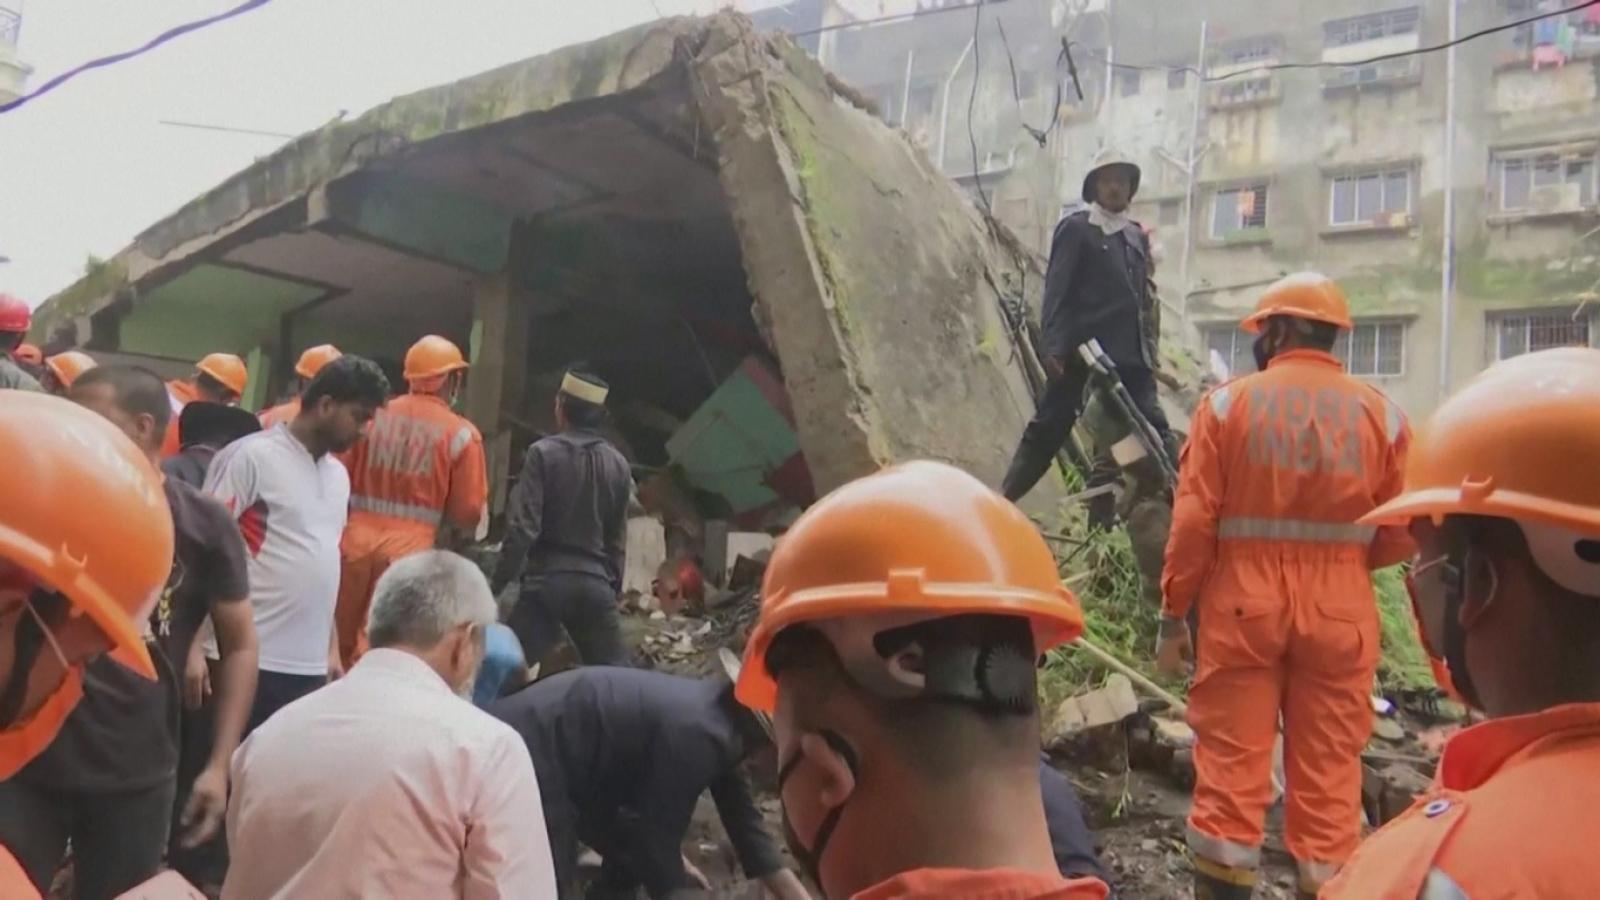 Sập nhà ở Ấn Độ làm 10 người thiệt mạng, hàng chục người mắc kẹt